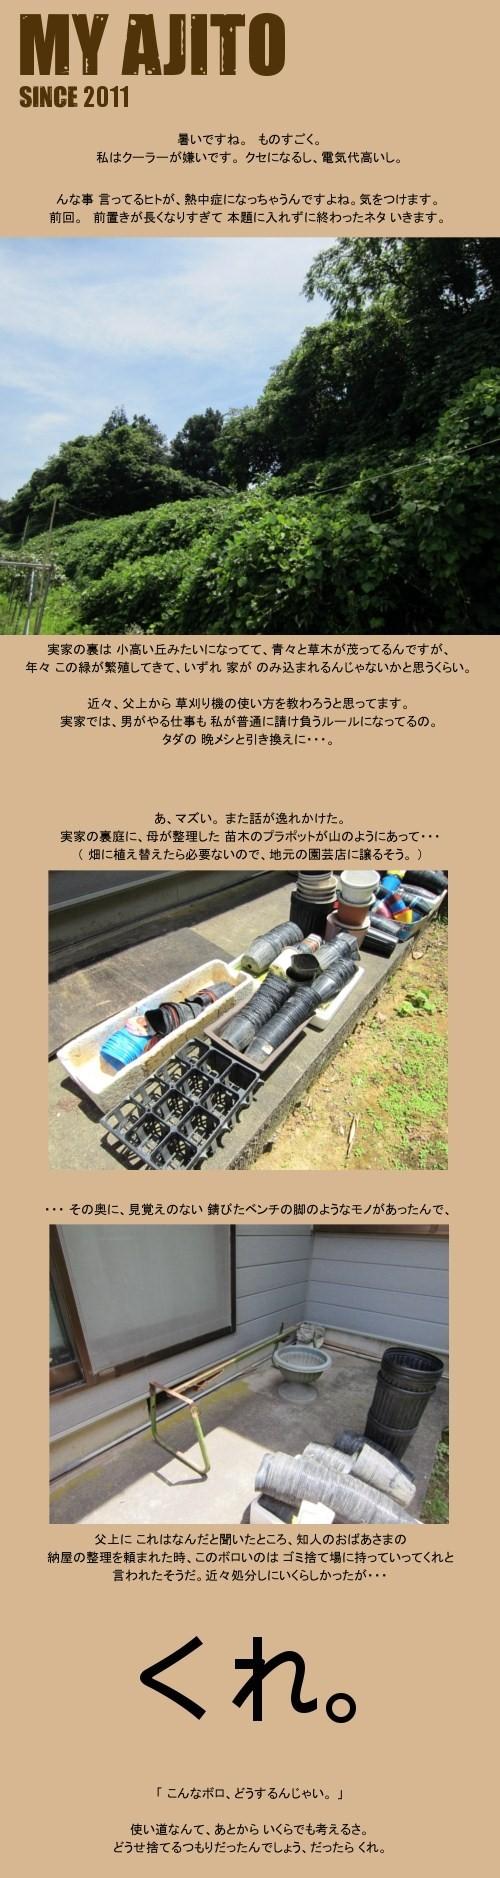 benchi_01.jpg